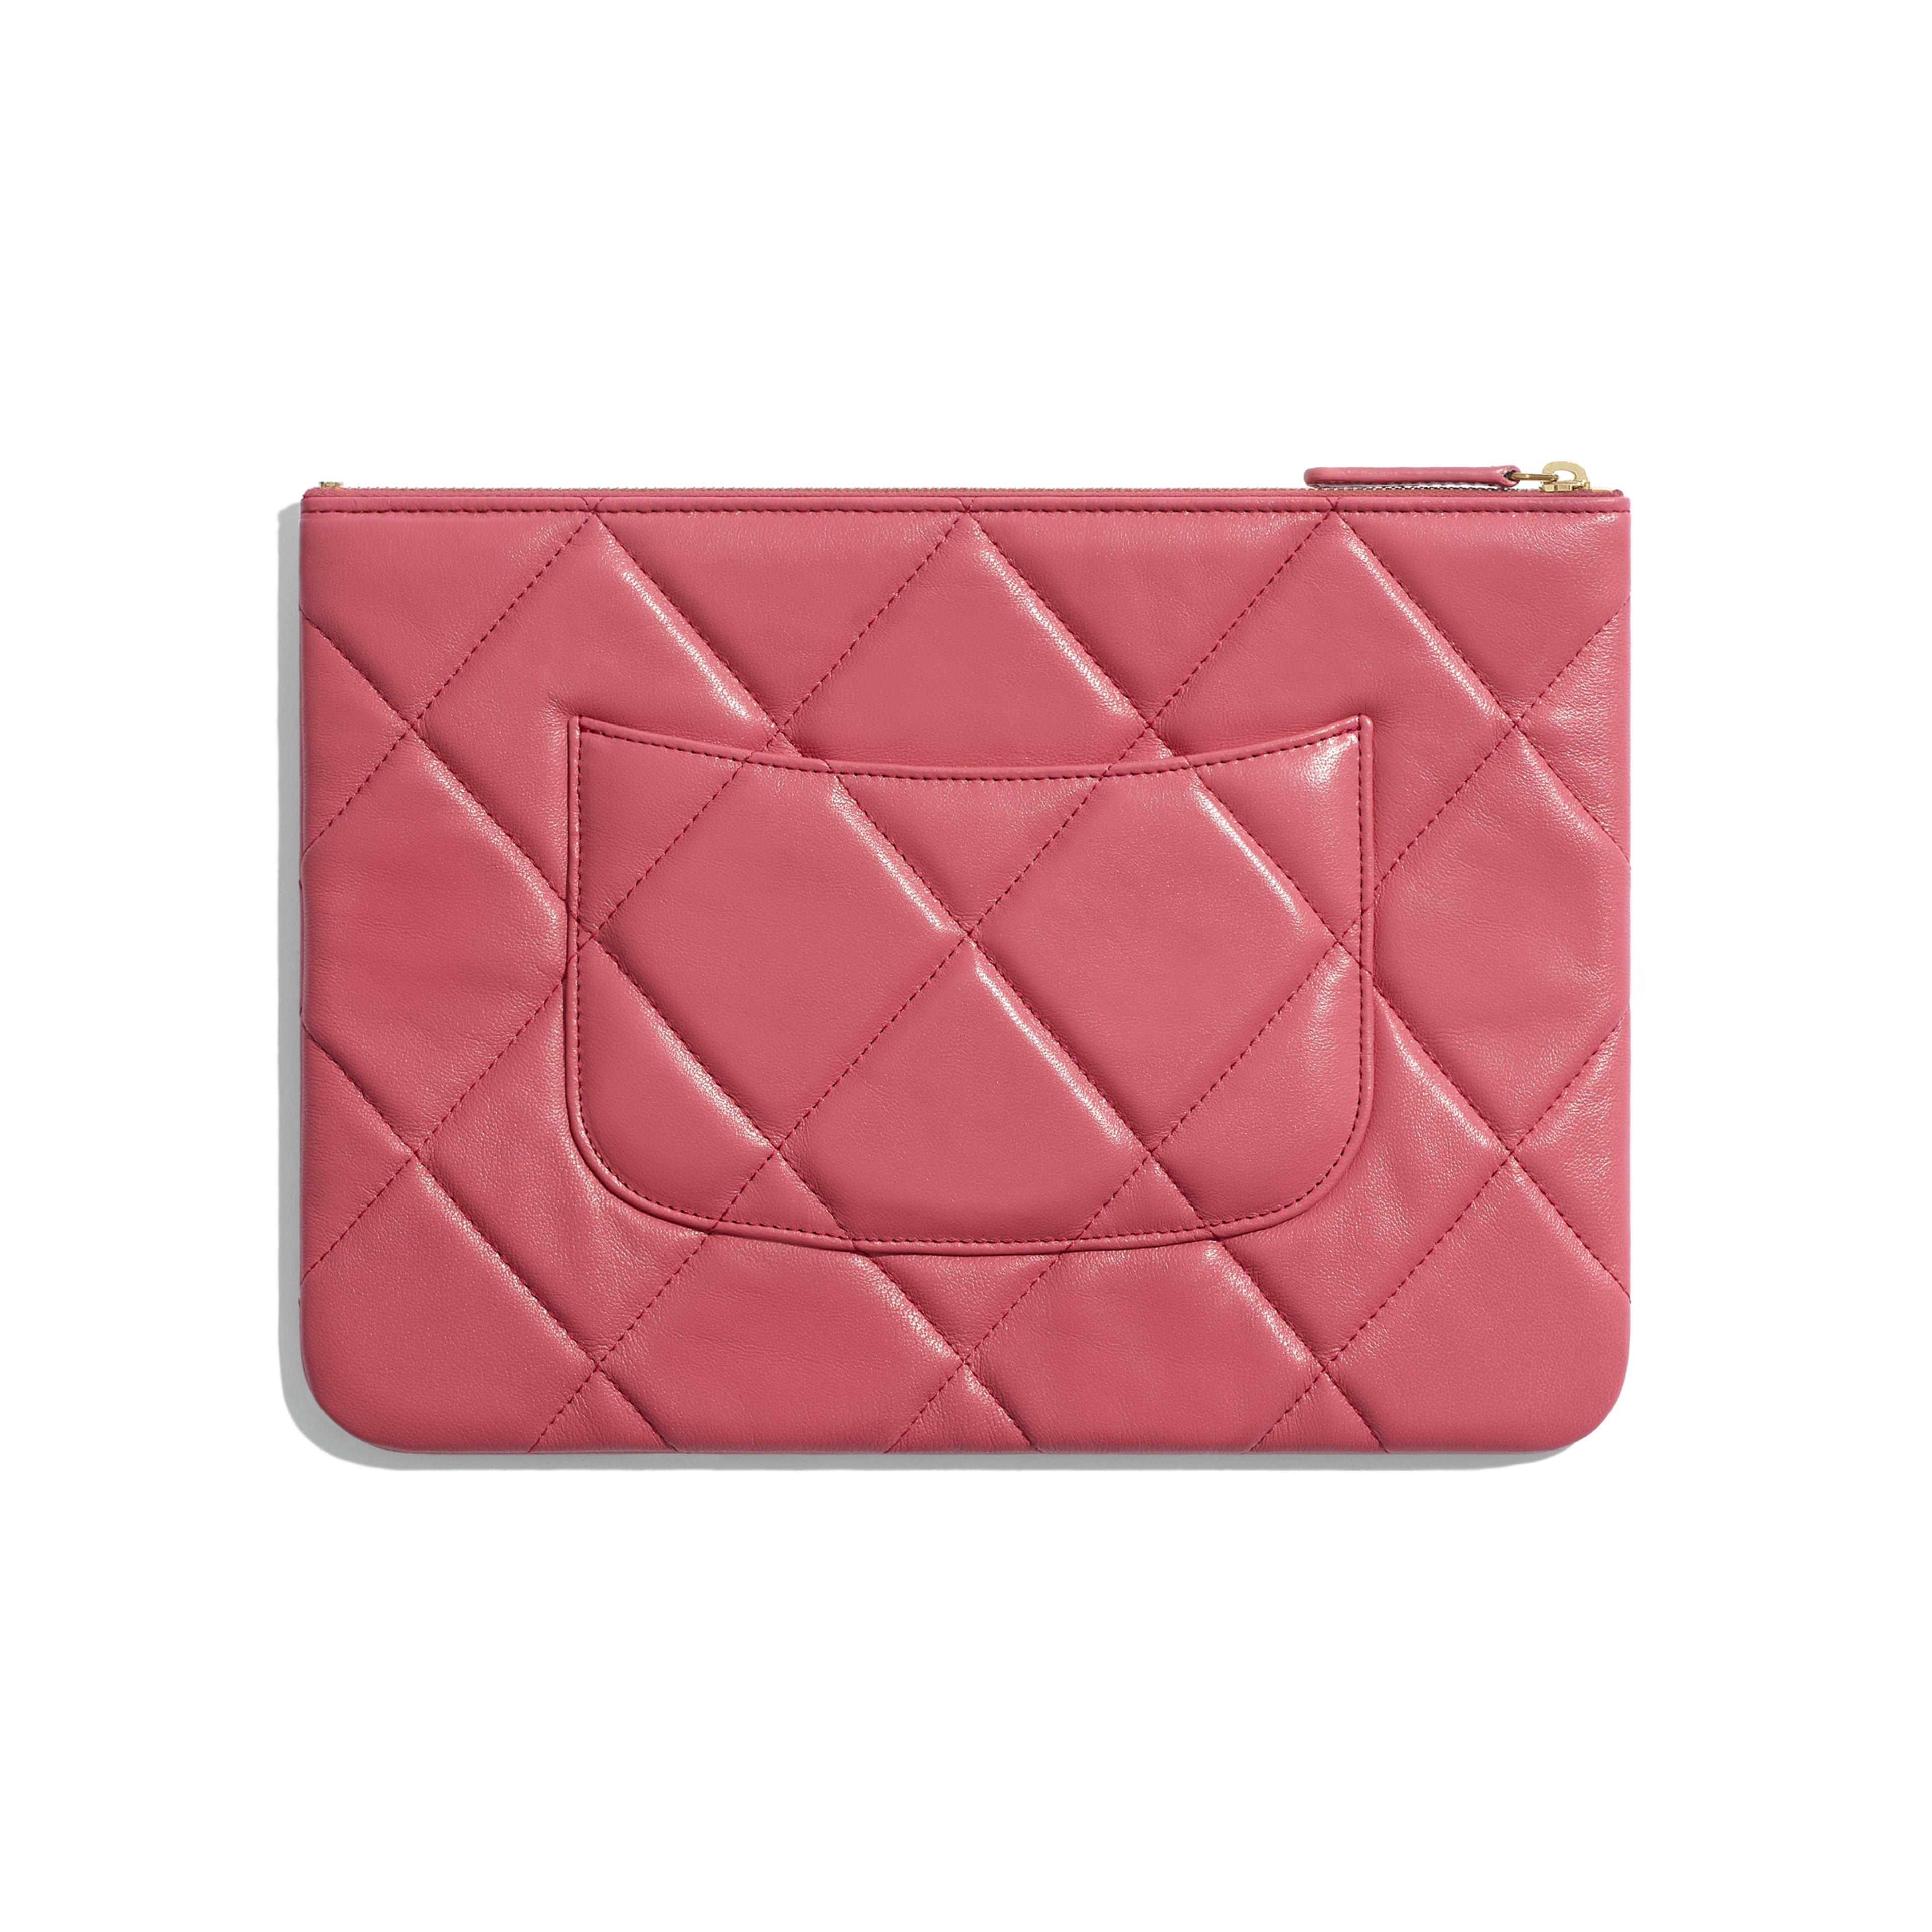 กระเป๋าเพาช์ CHANEL 19 - สีชมพู - หนังแกะ โลหะสีทอง โลหะสีเงิน และโลหะเคลือบรูทีเนียม - มุมมองทางอื่น - ดูเวอร์ชันขนาดเต็ม